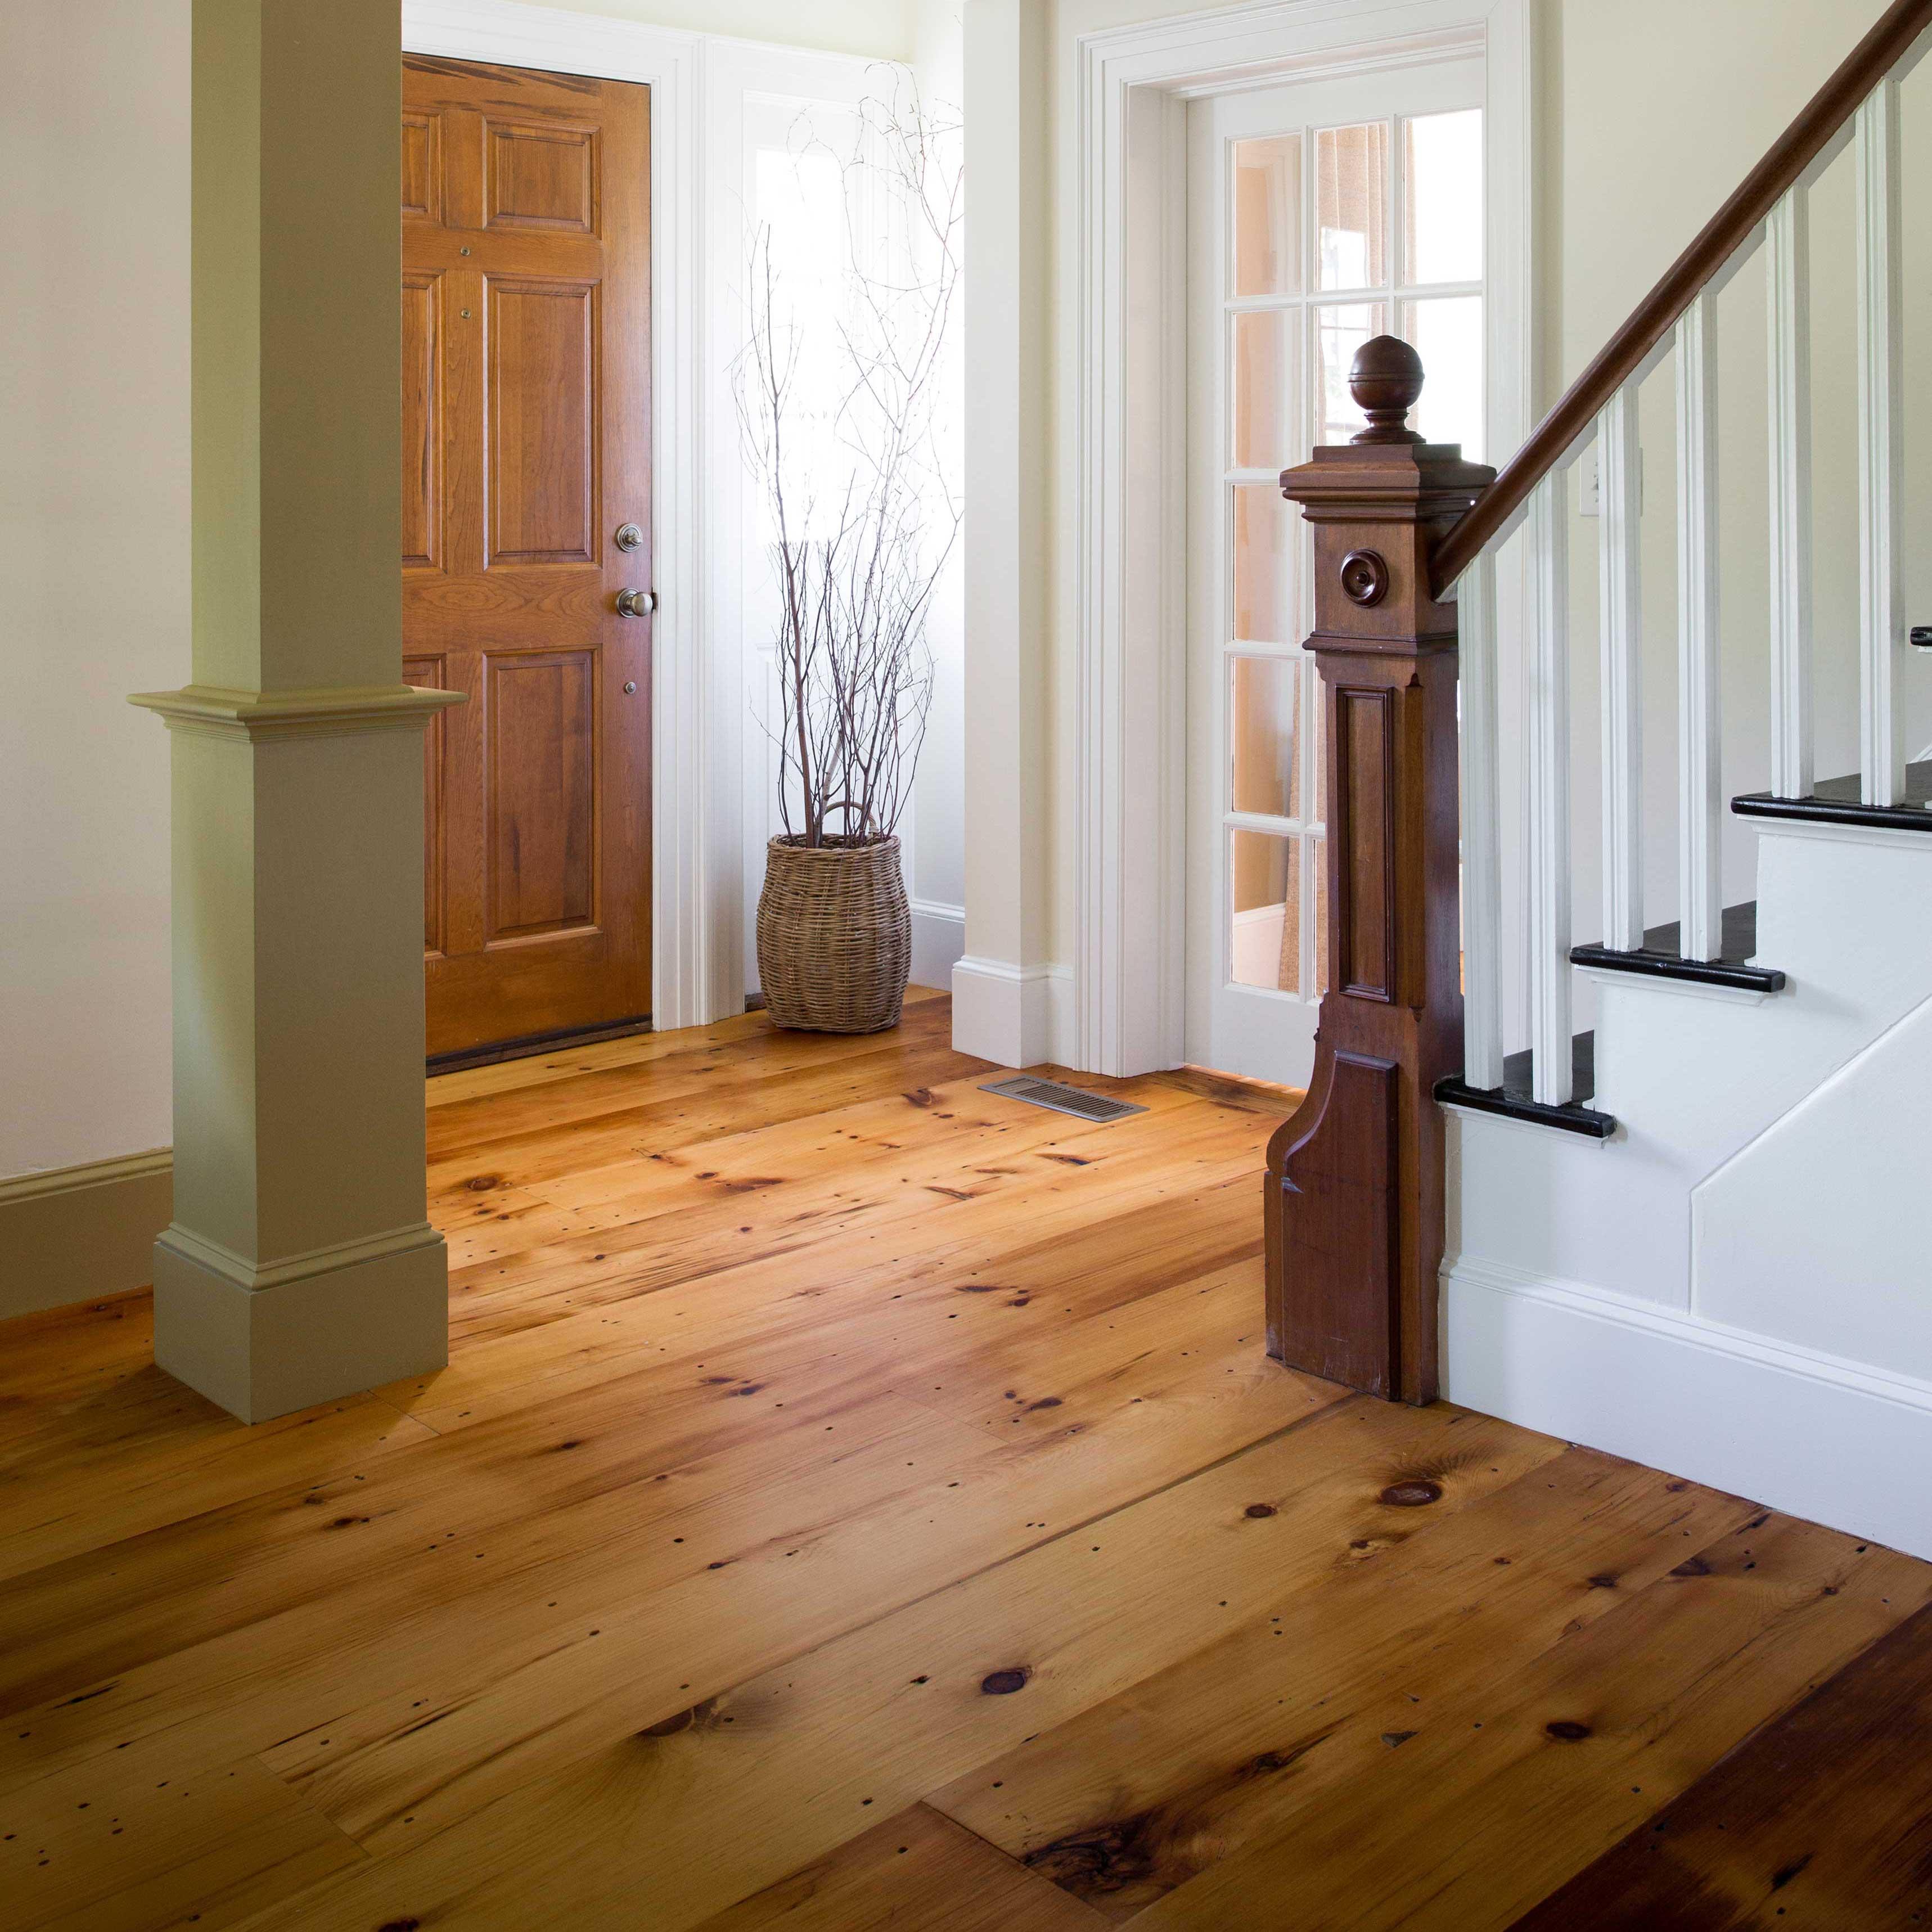 Longleaf Lumber Reclaimed Rustic White Pine Flooring